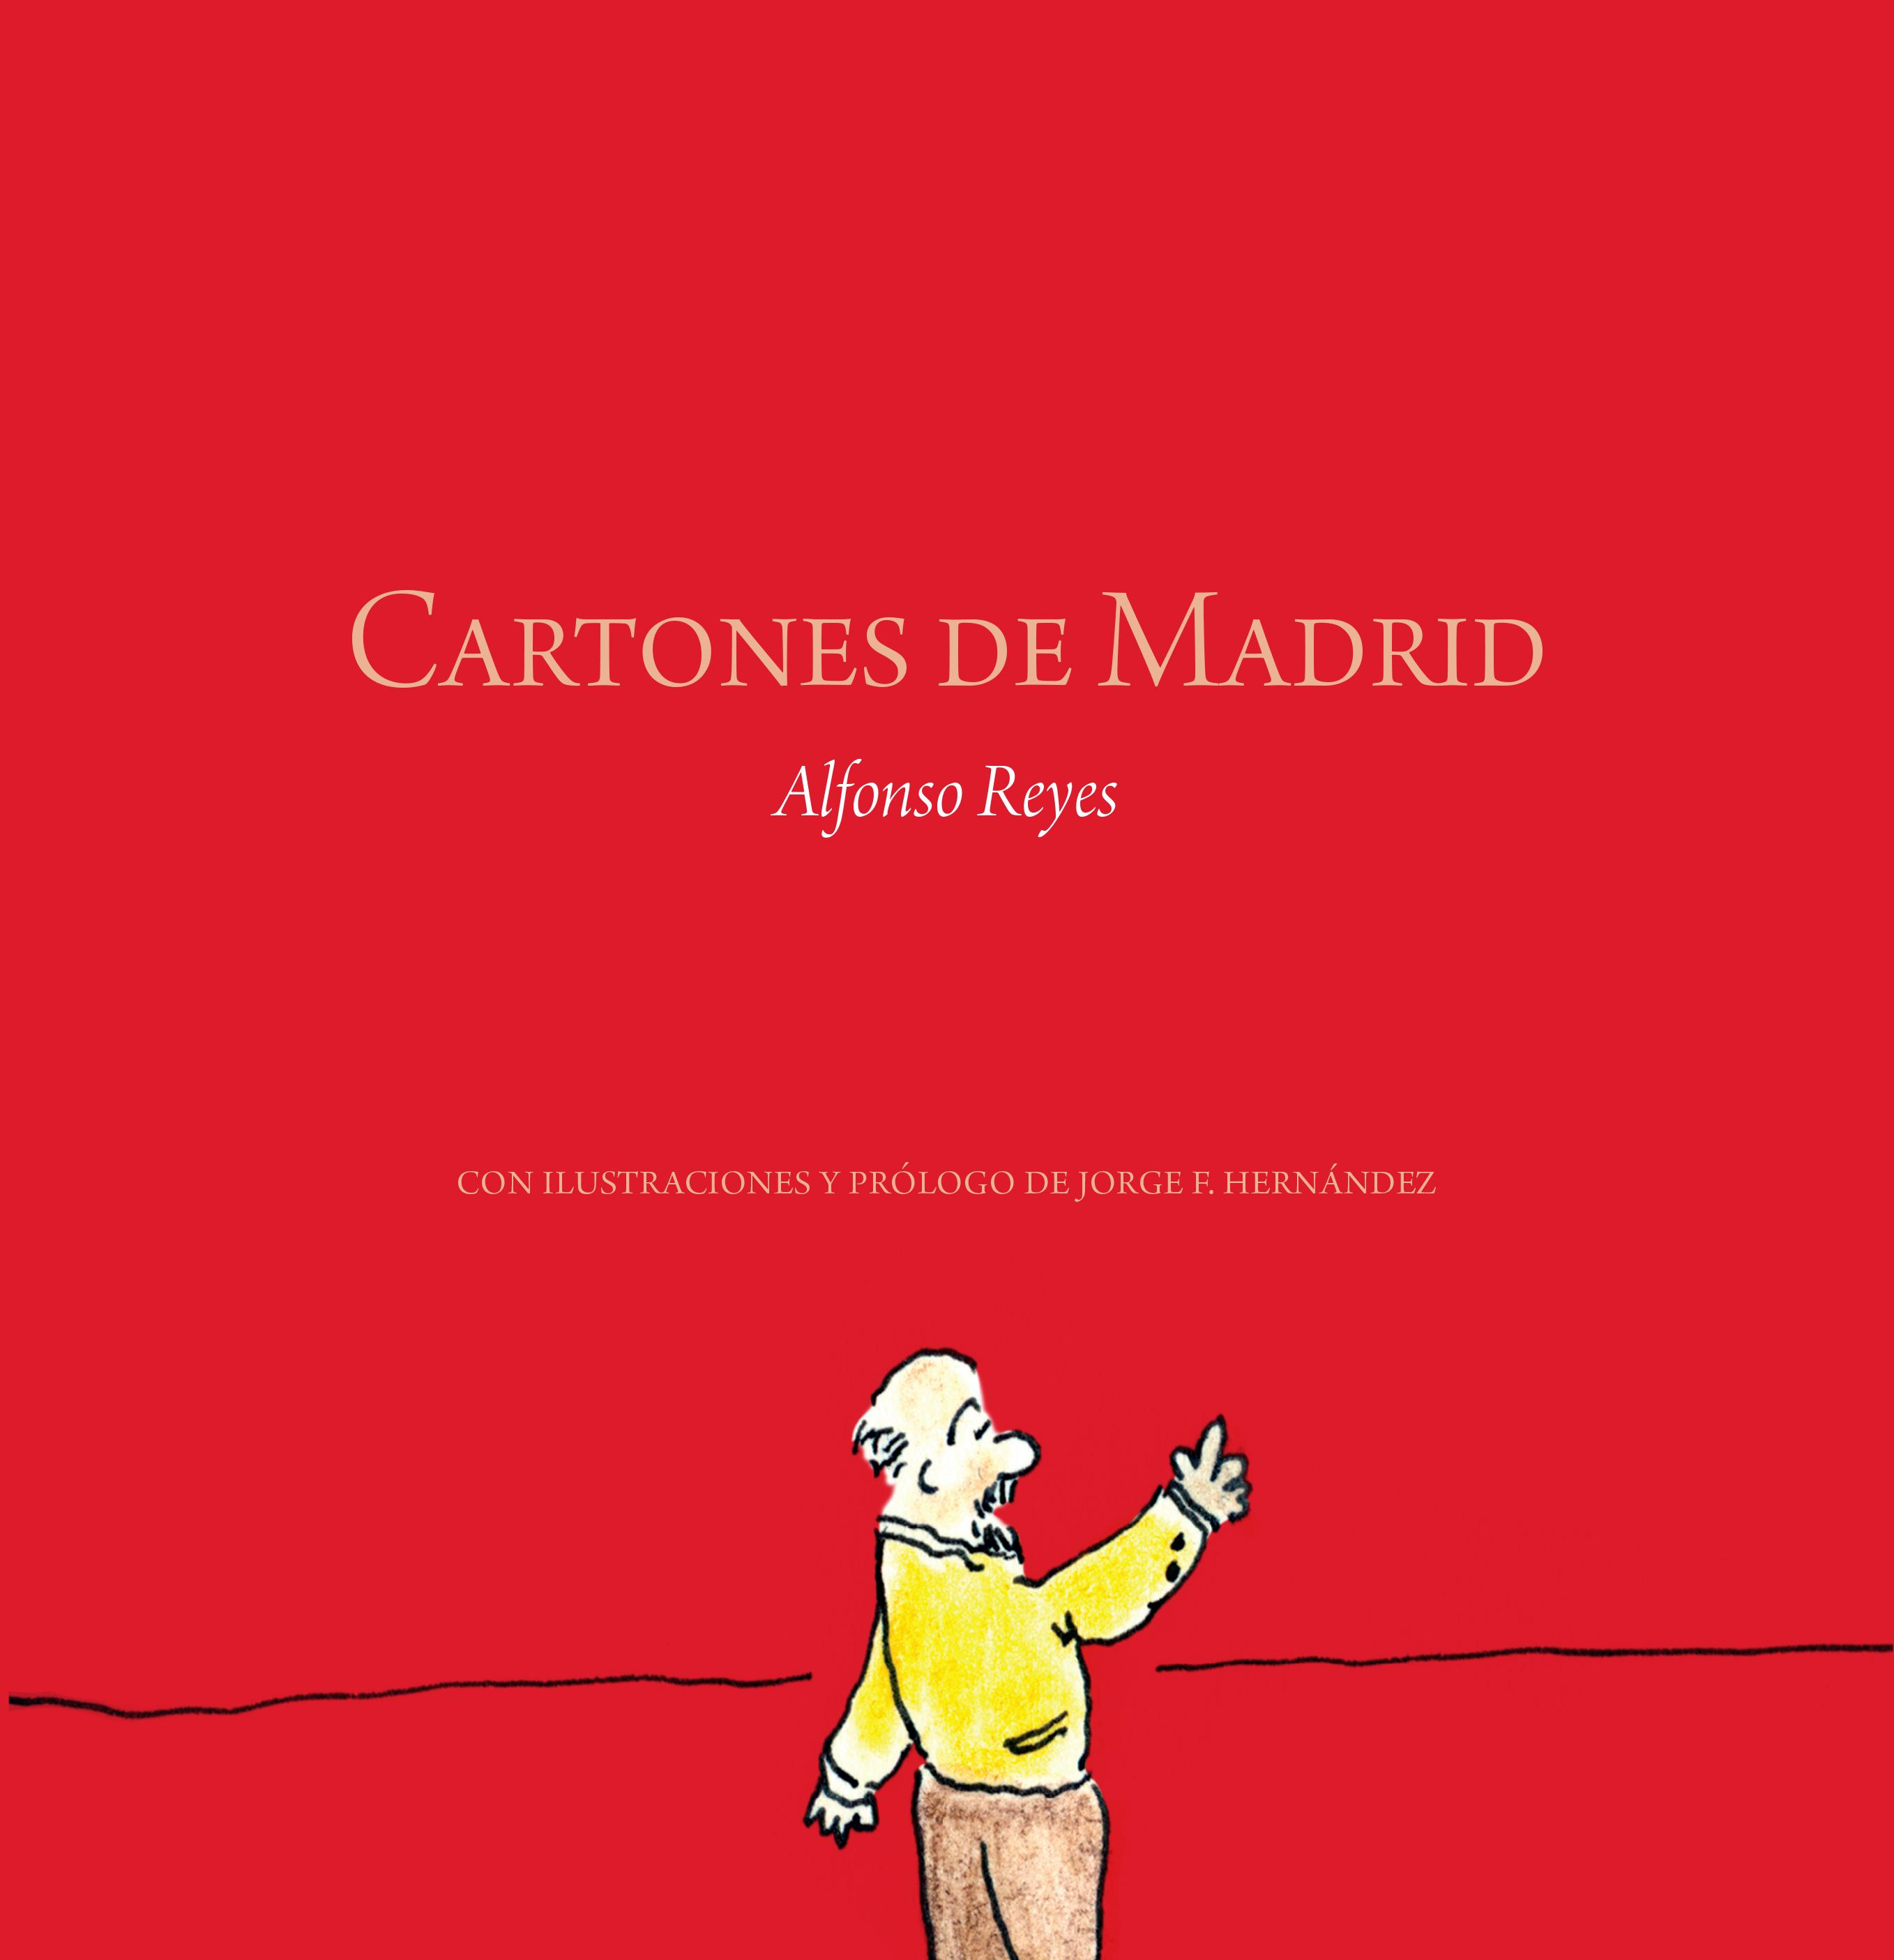 Cartones de Madrid